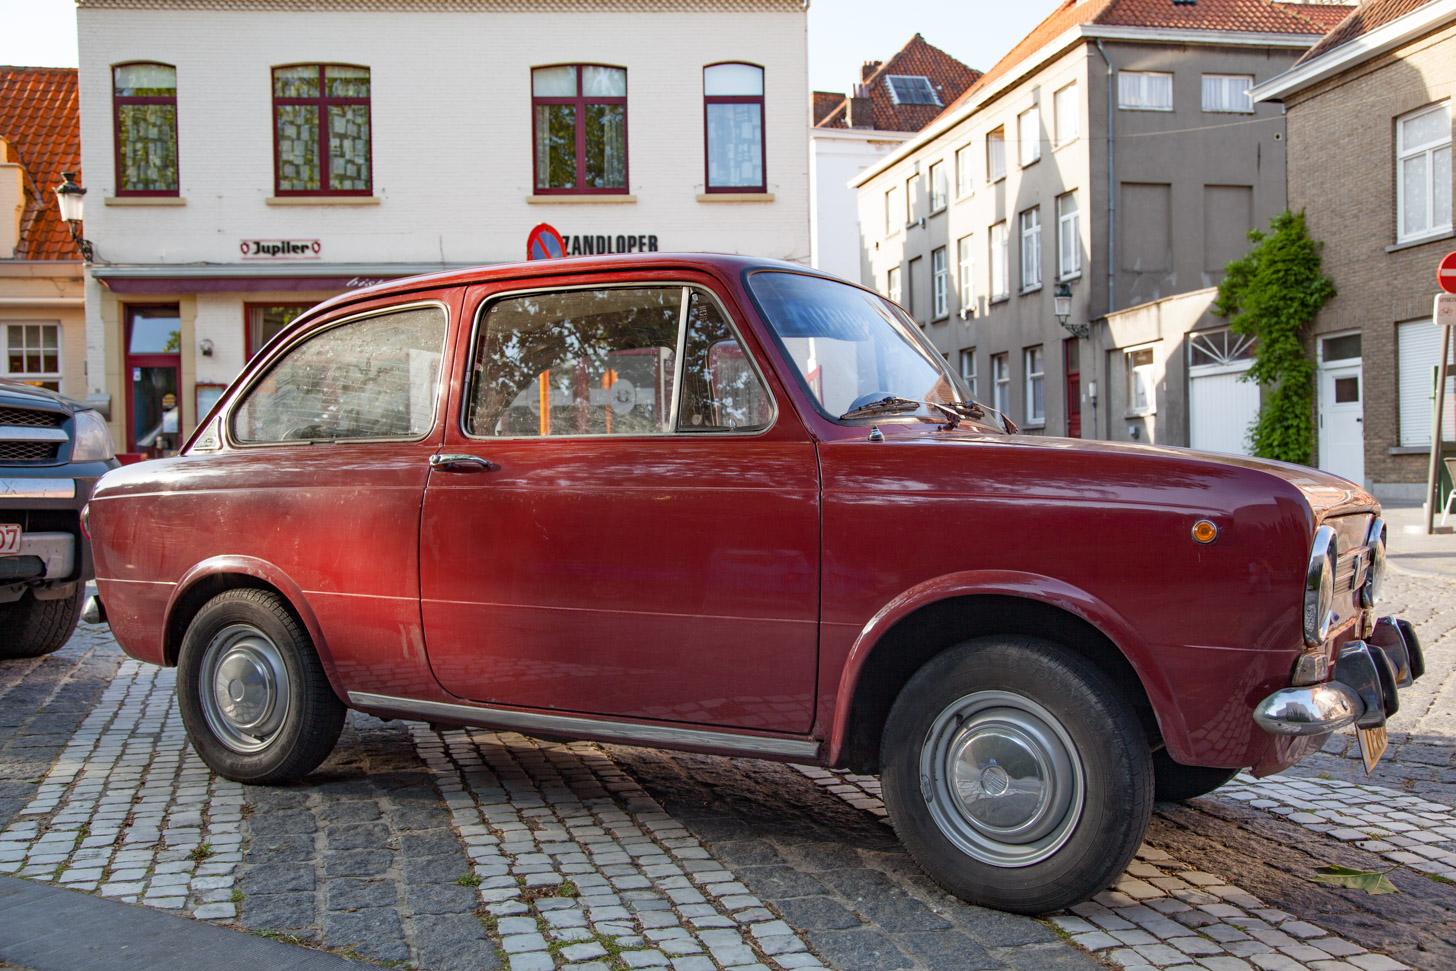 parkeren op straat in Brugge